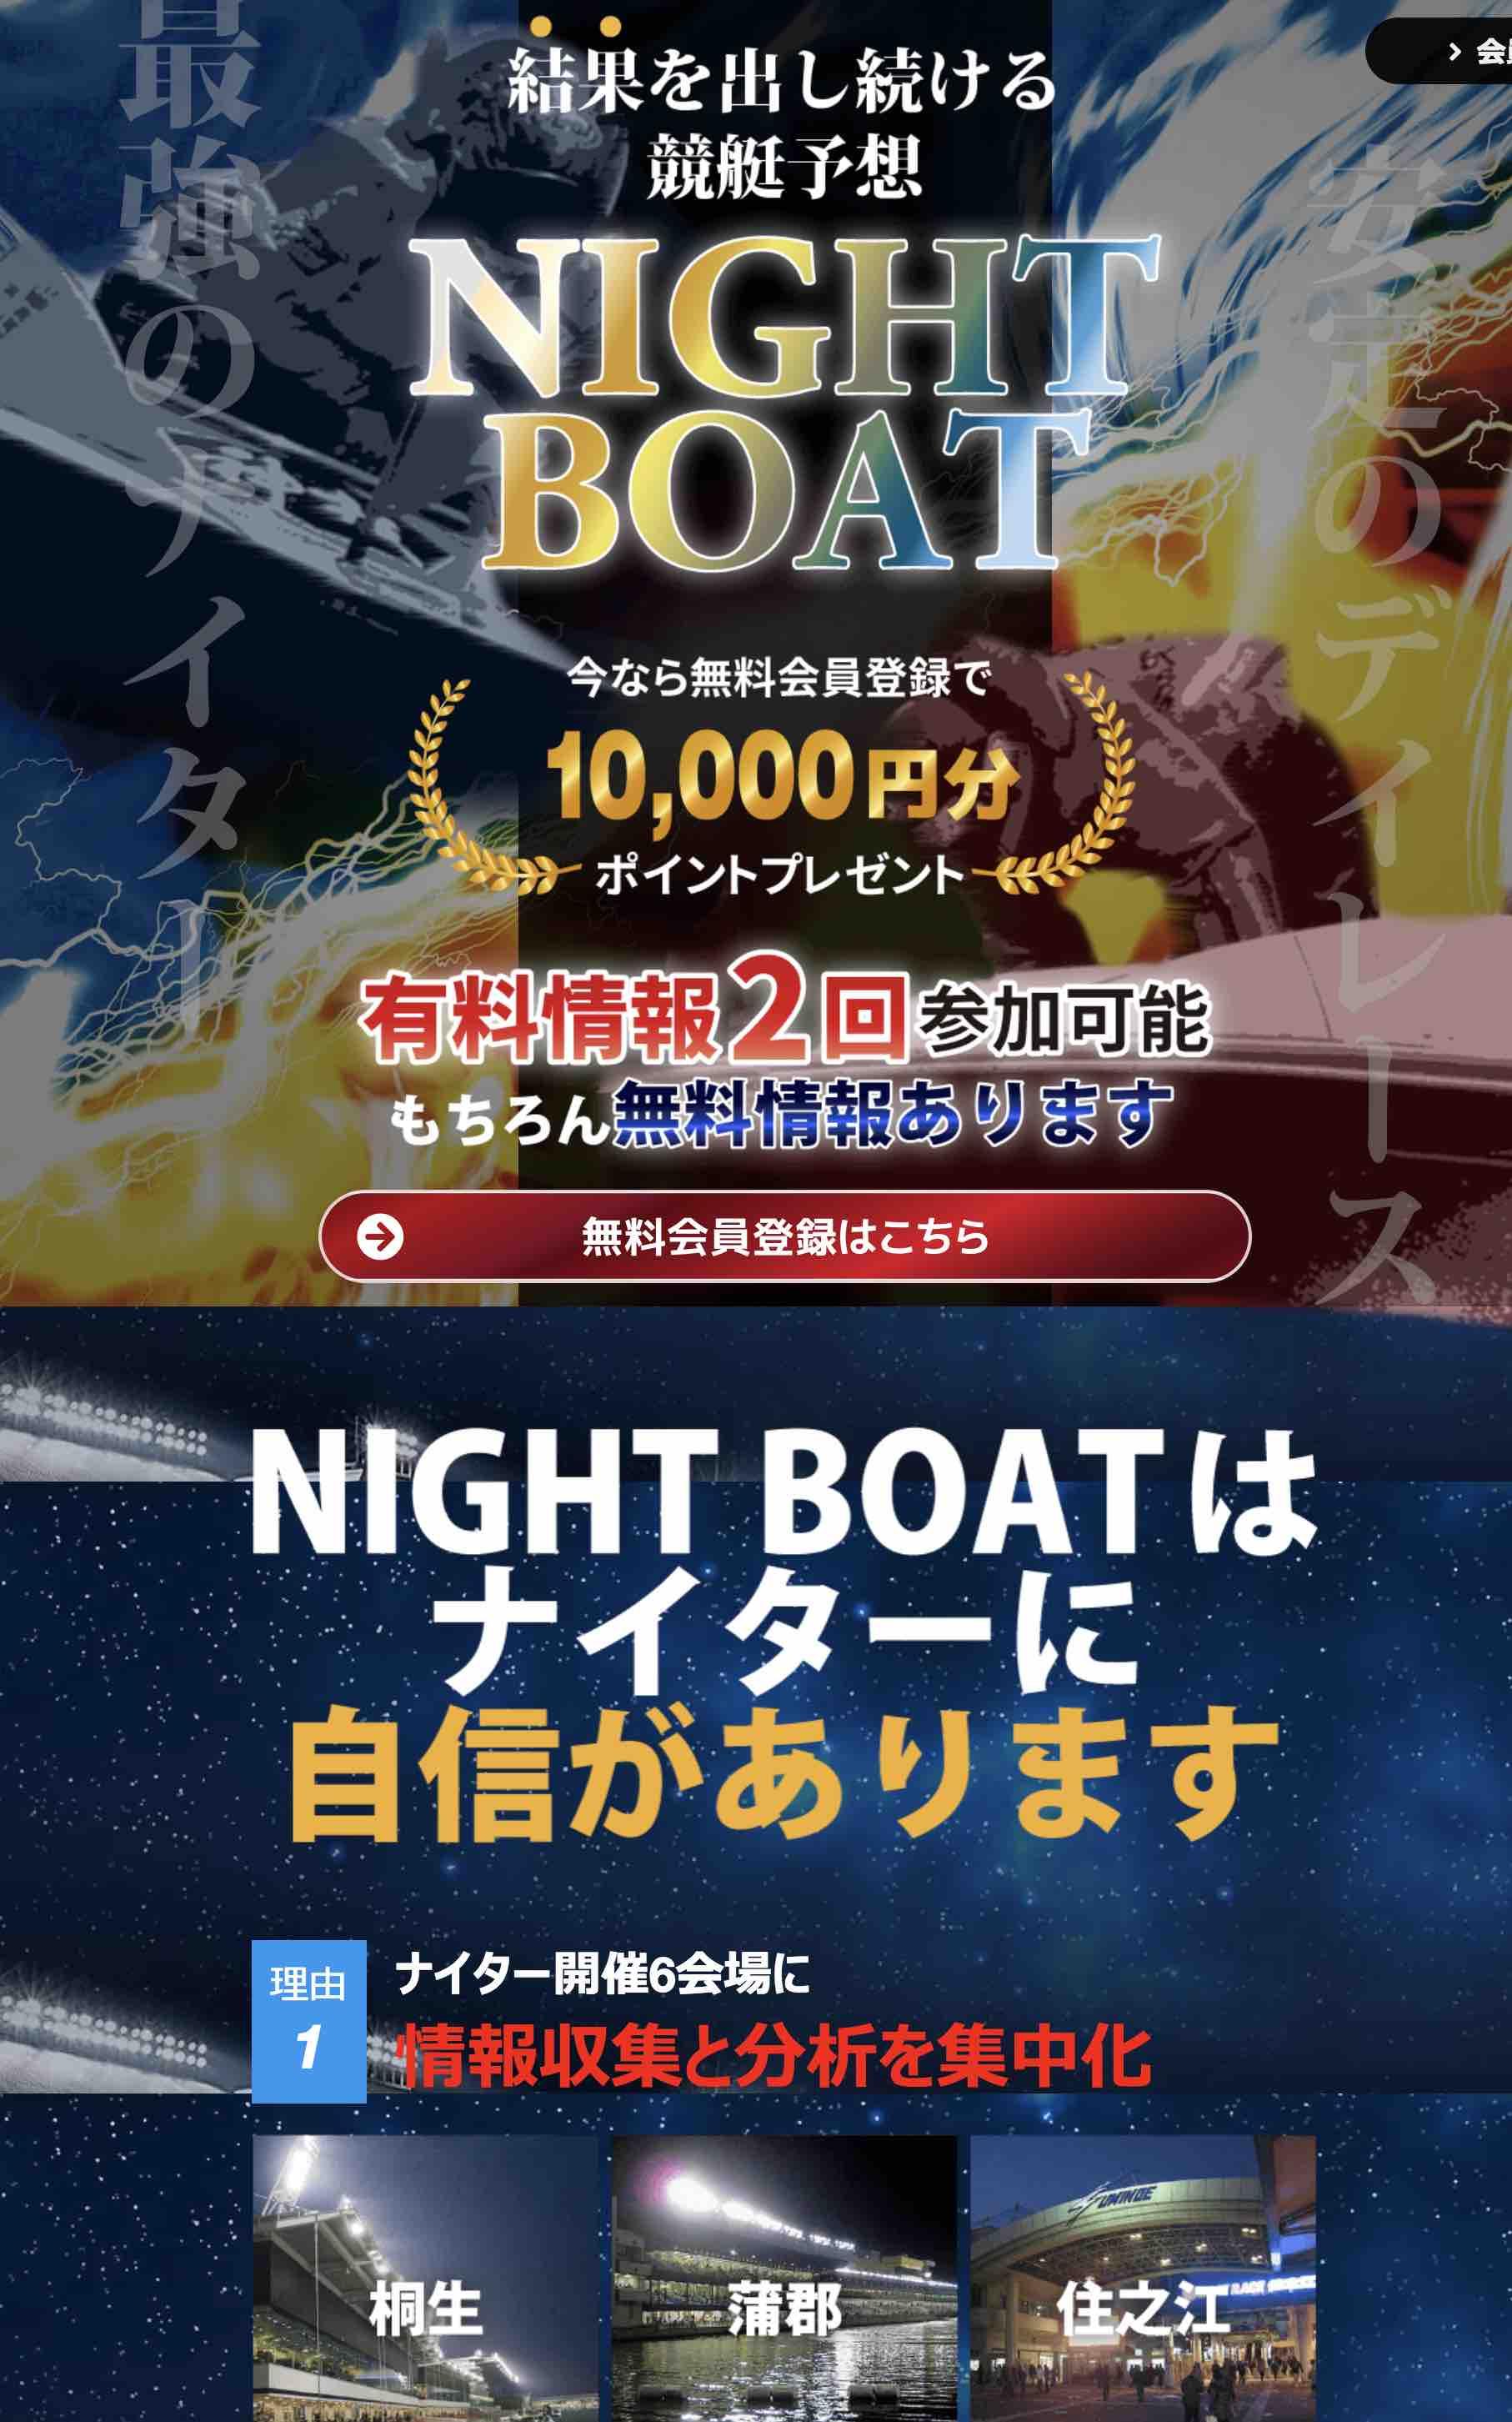 ナイトボートという競艇予想サイト(ボートレース)のリニューアルトップ